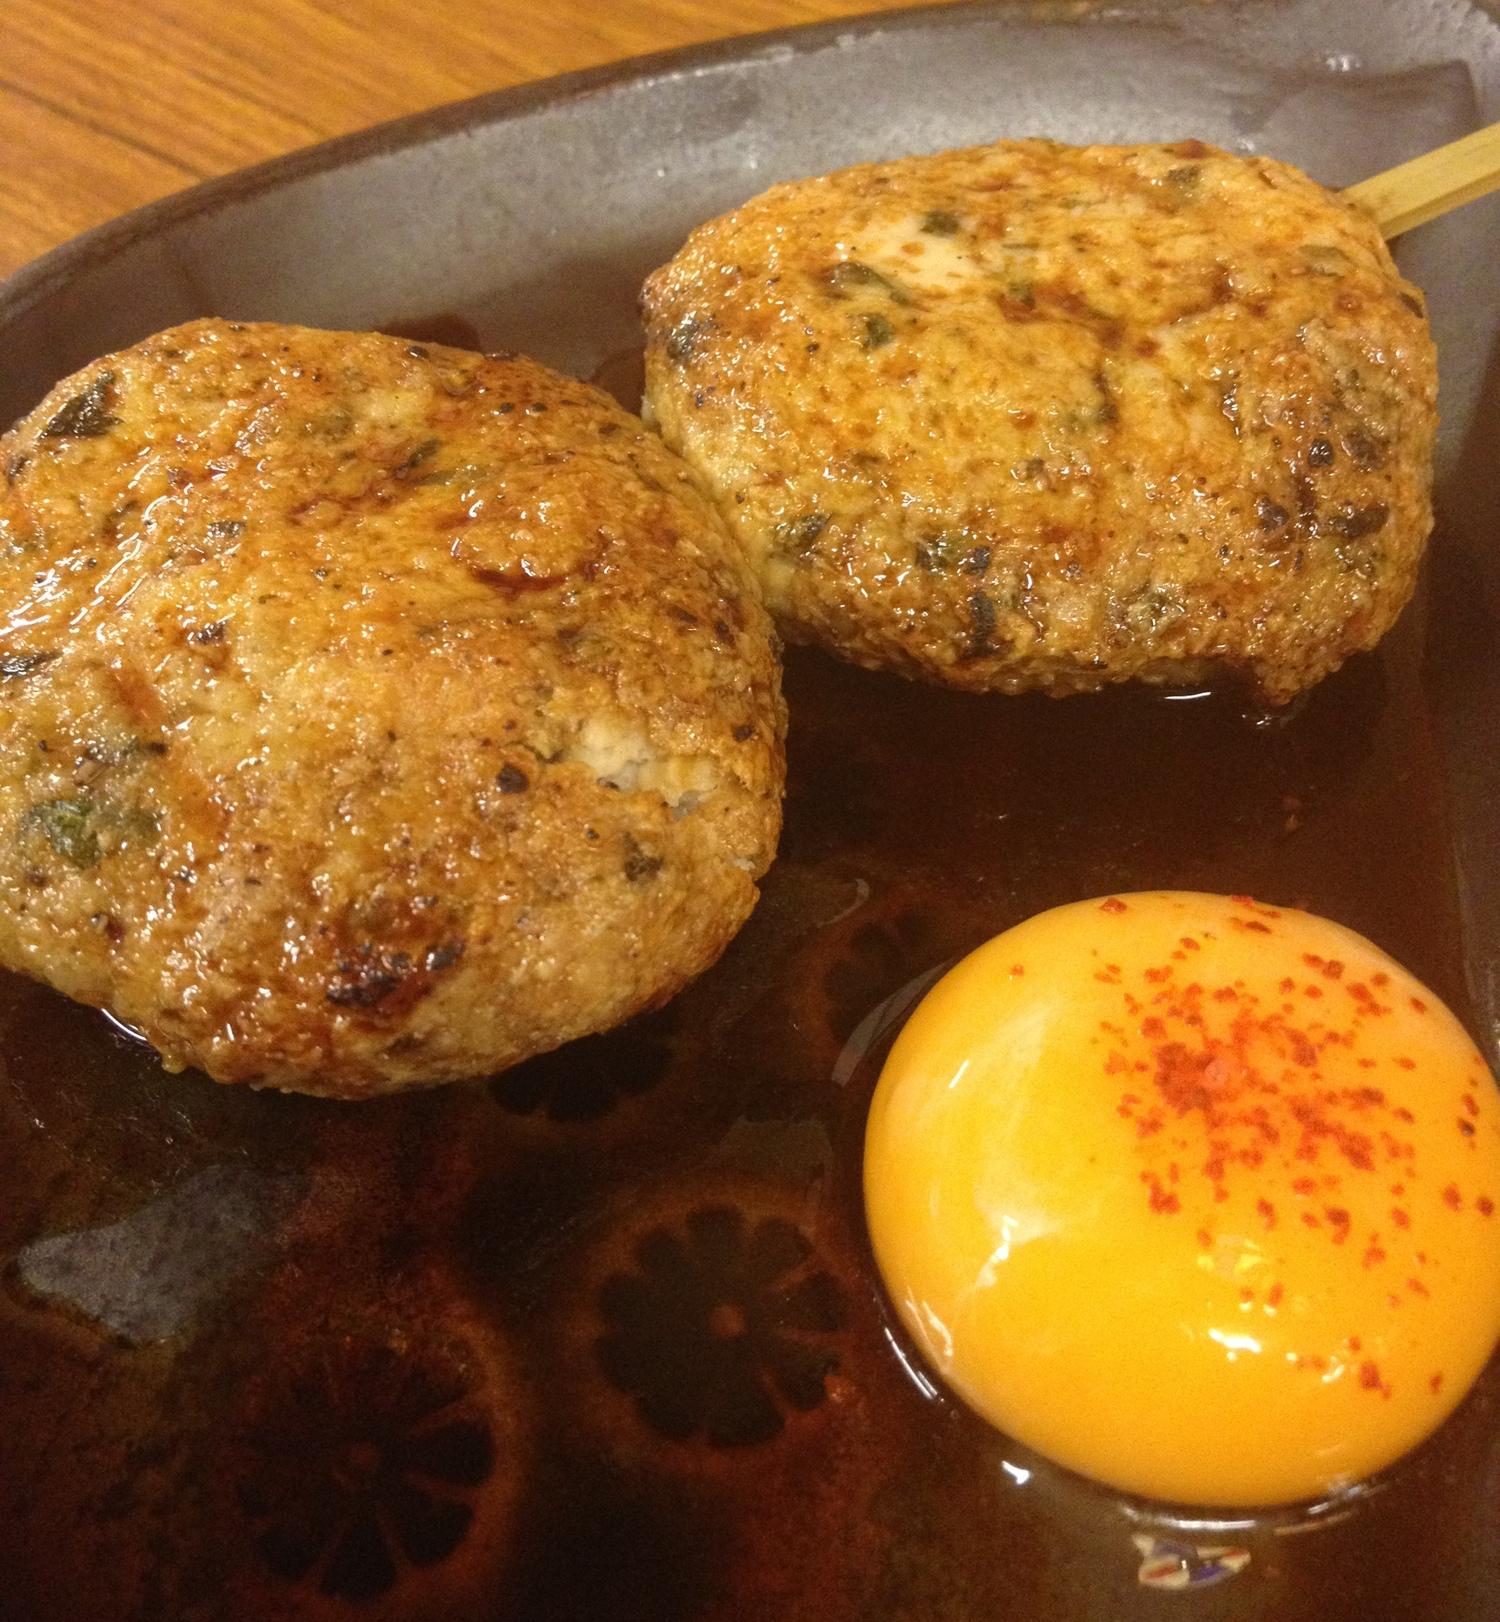 Kycklingköttbullar på en izakaya. Japanska pubar är gemytliga med ofta mycket bra mat och - givetvis - mycket dricka.